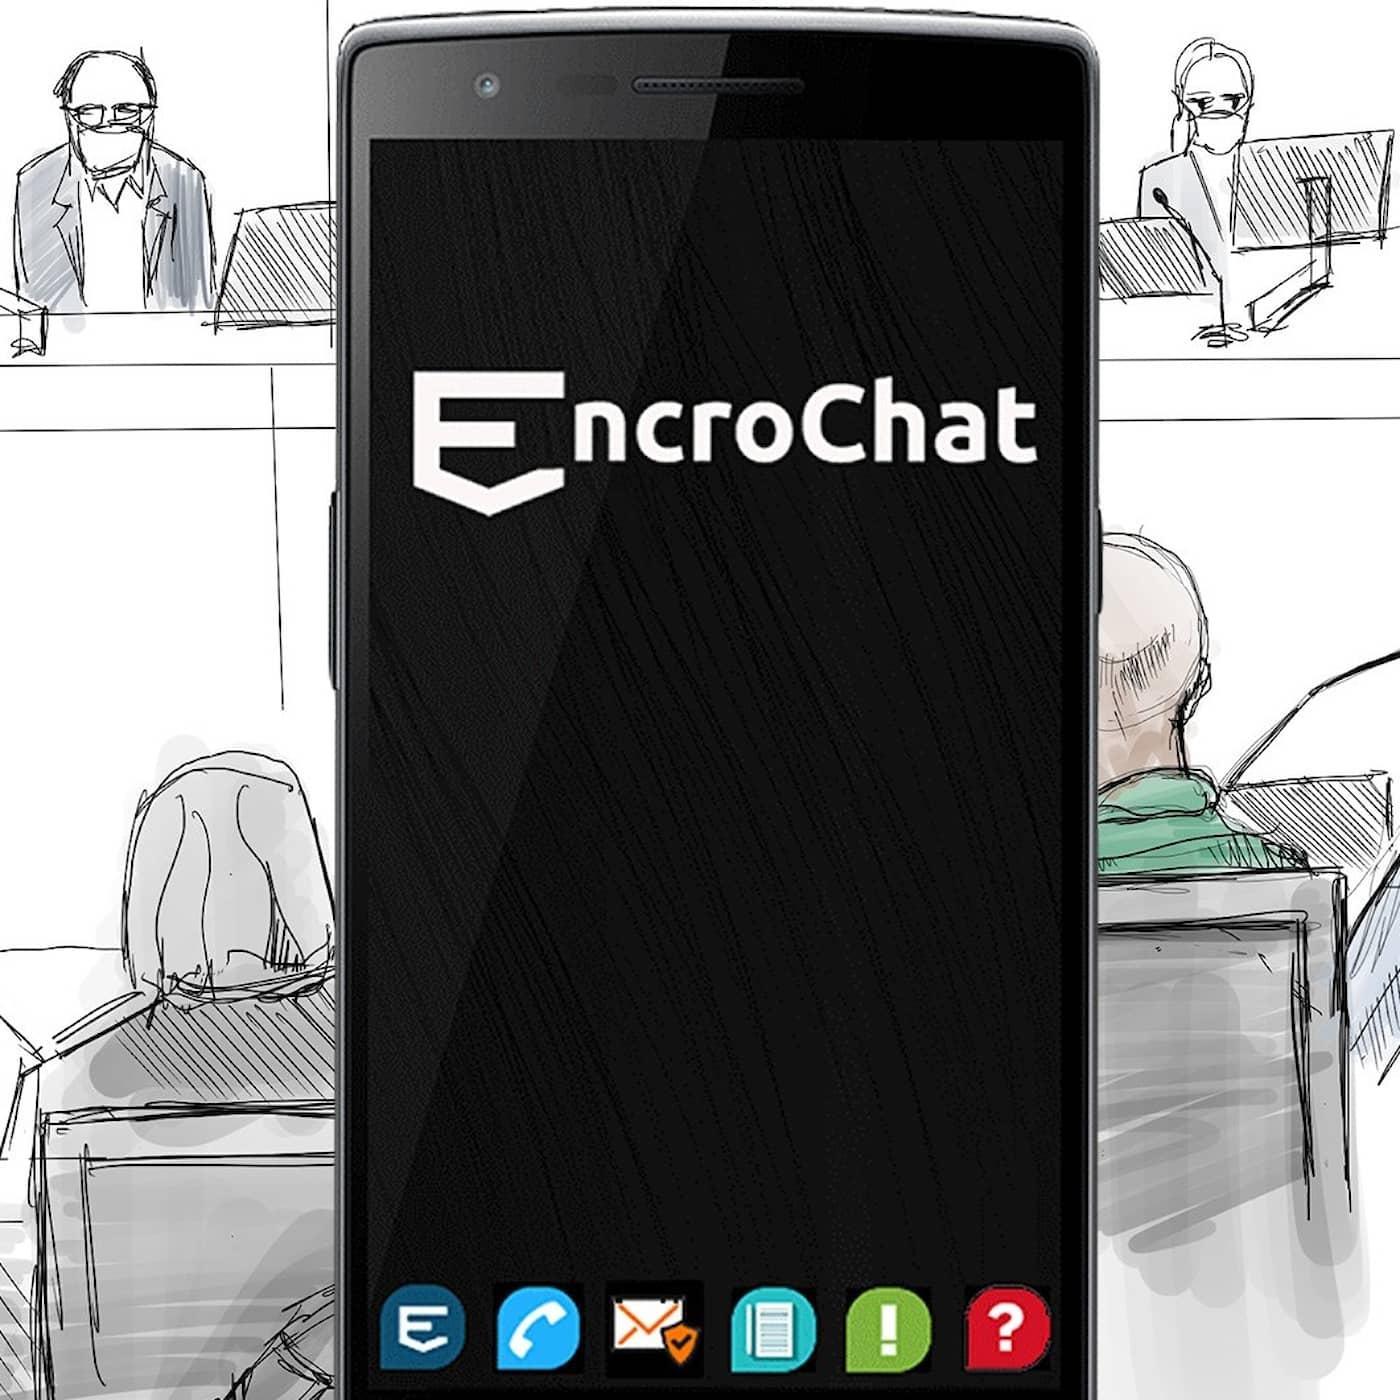 EncroChat - Telefonen som förändrade spelplanen